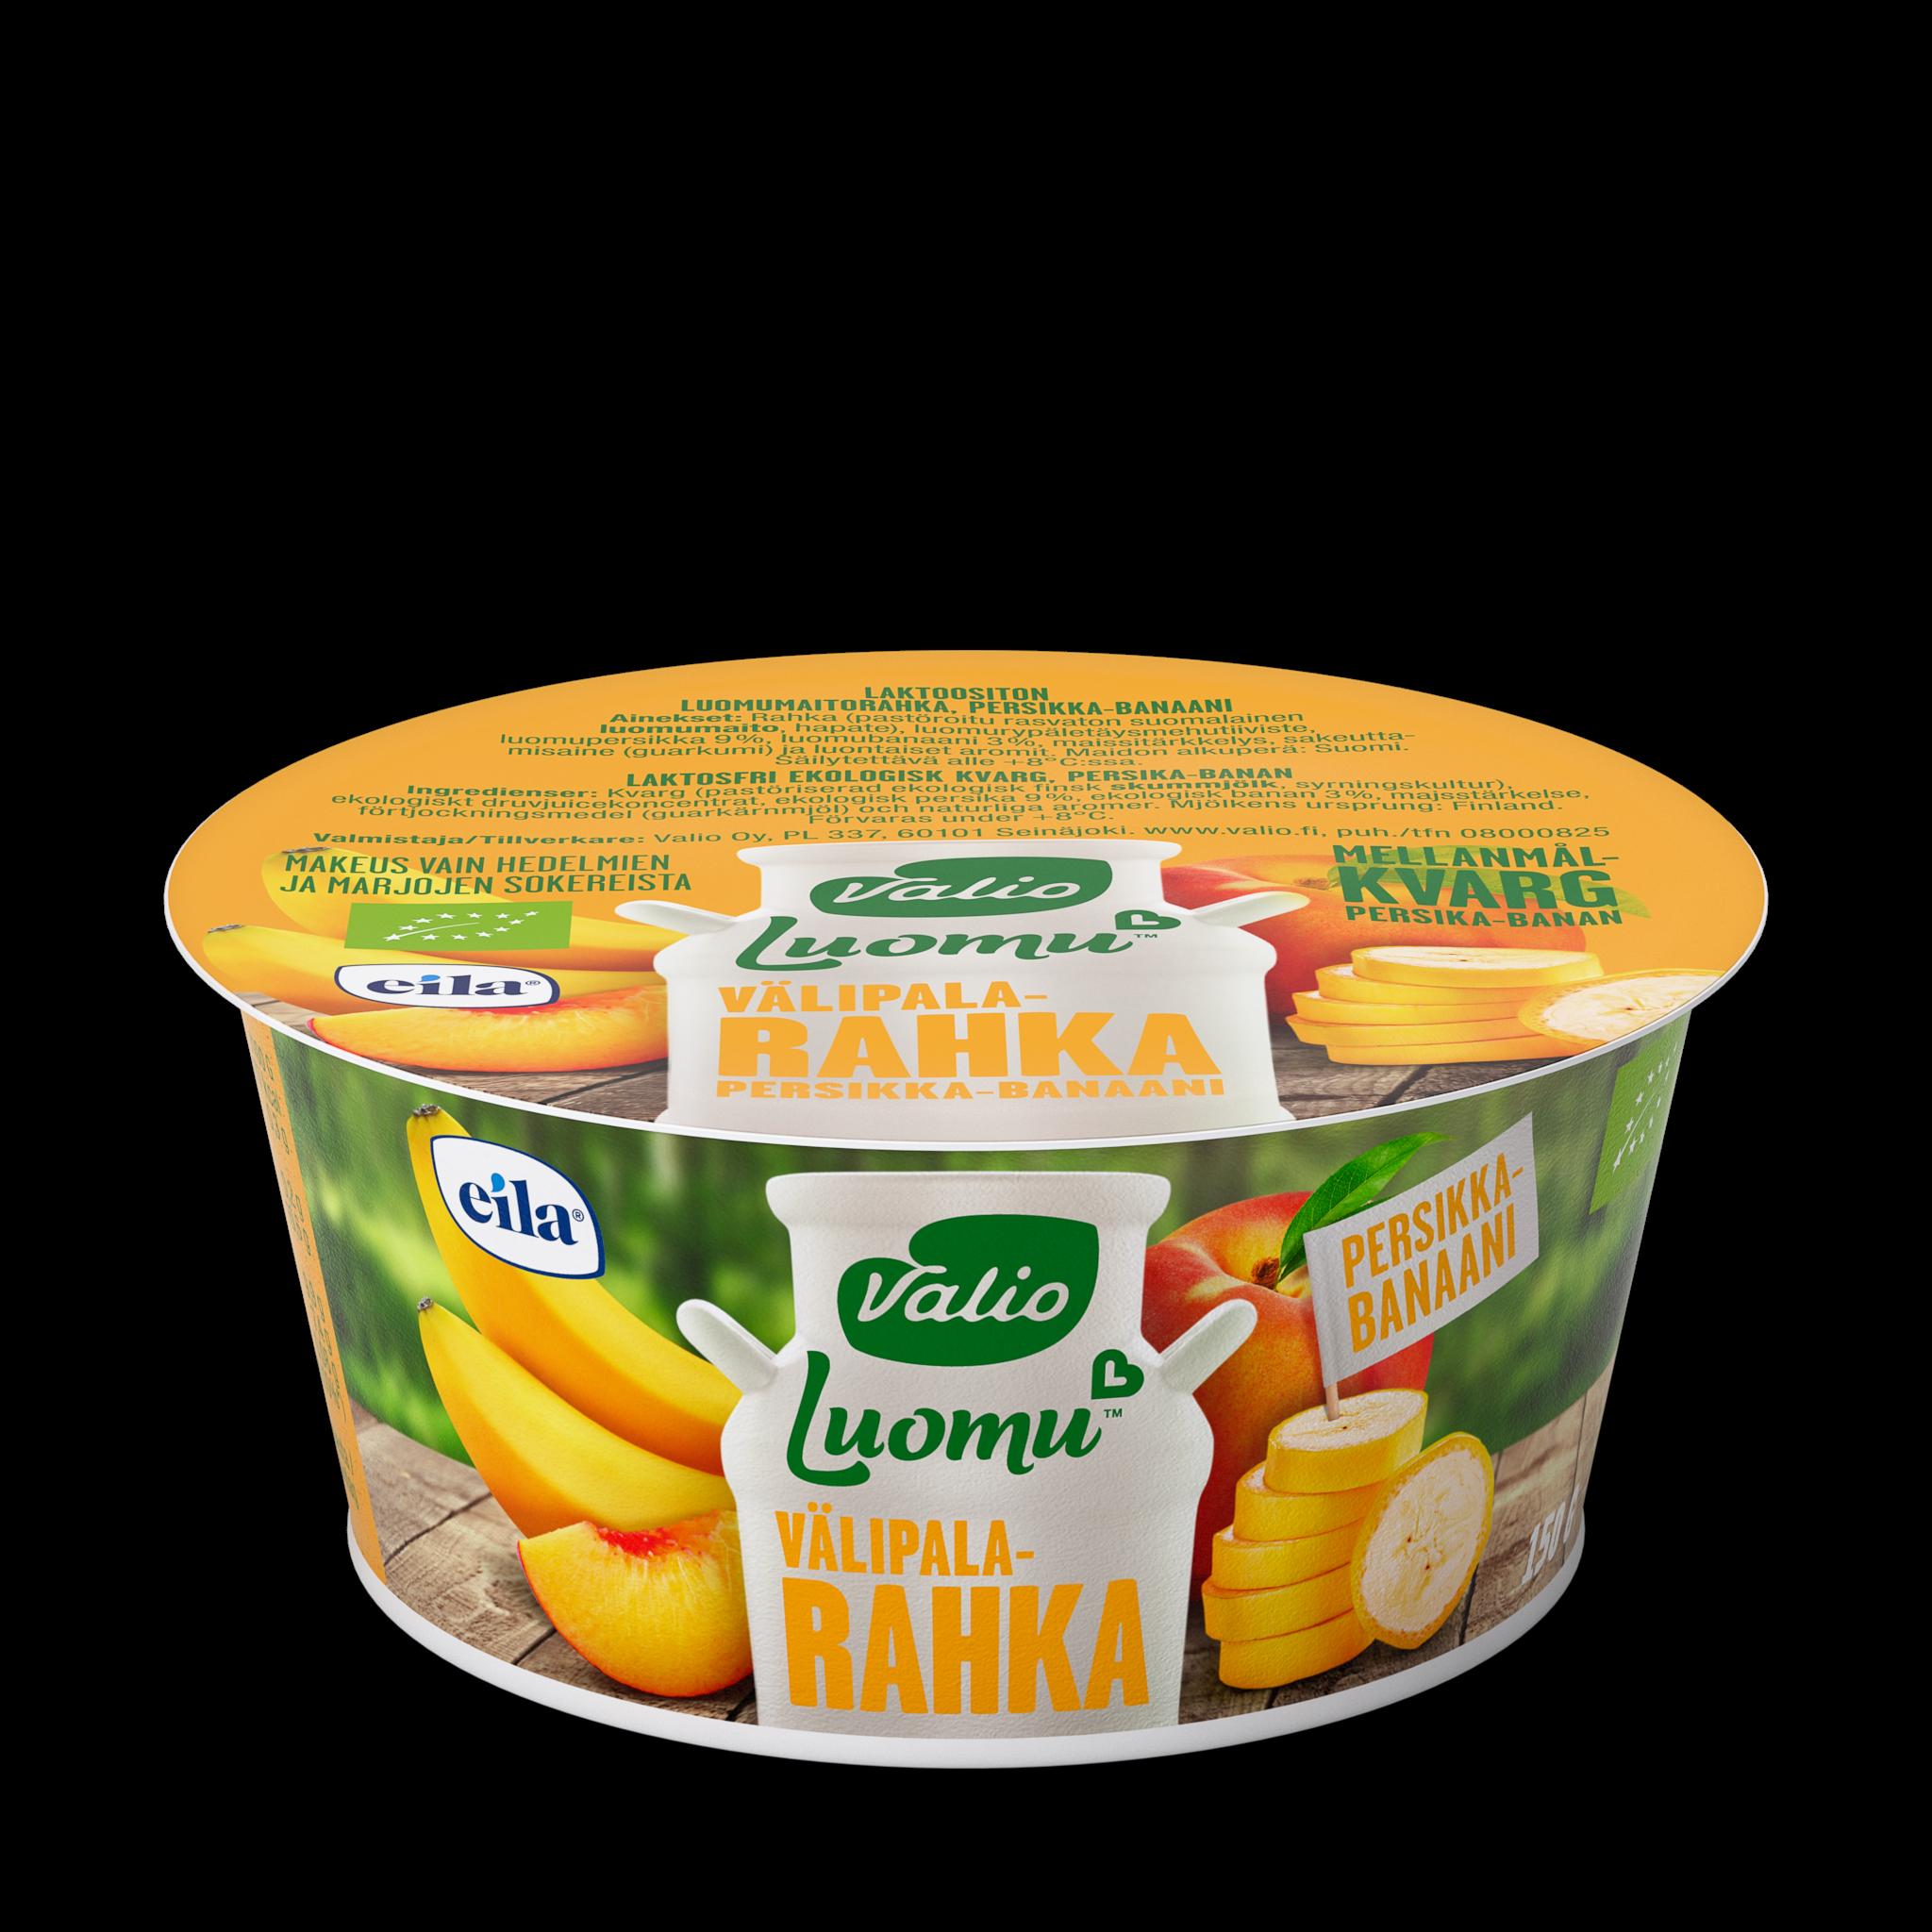 Valio Luomu™ välipalarahka persikka-banaani laktoositon